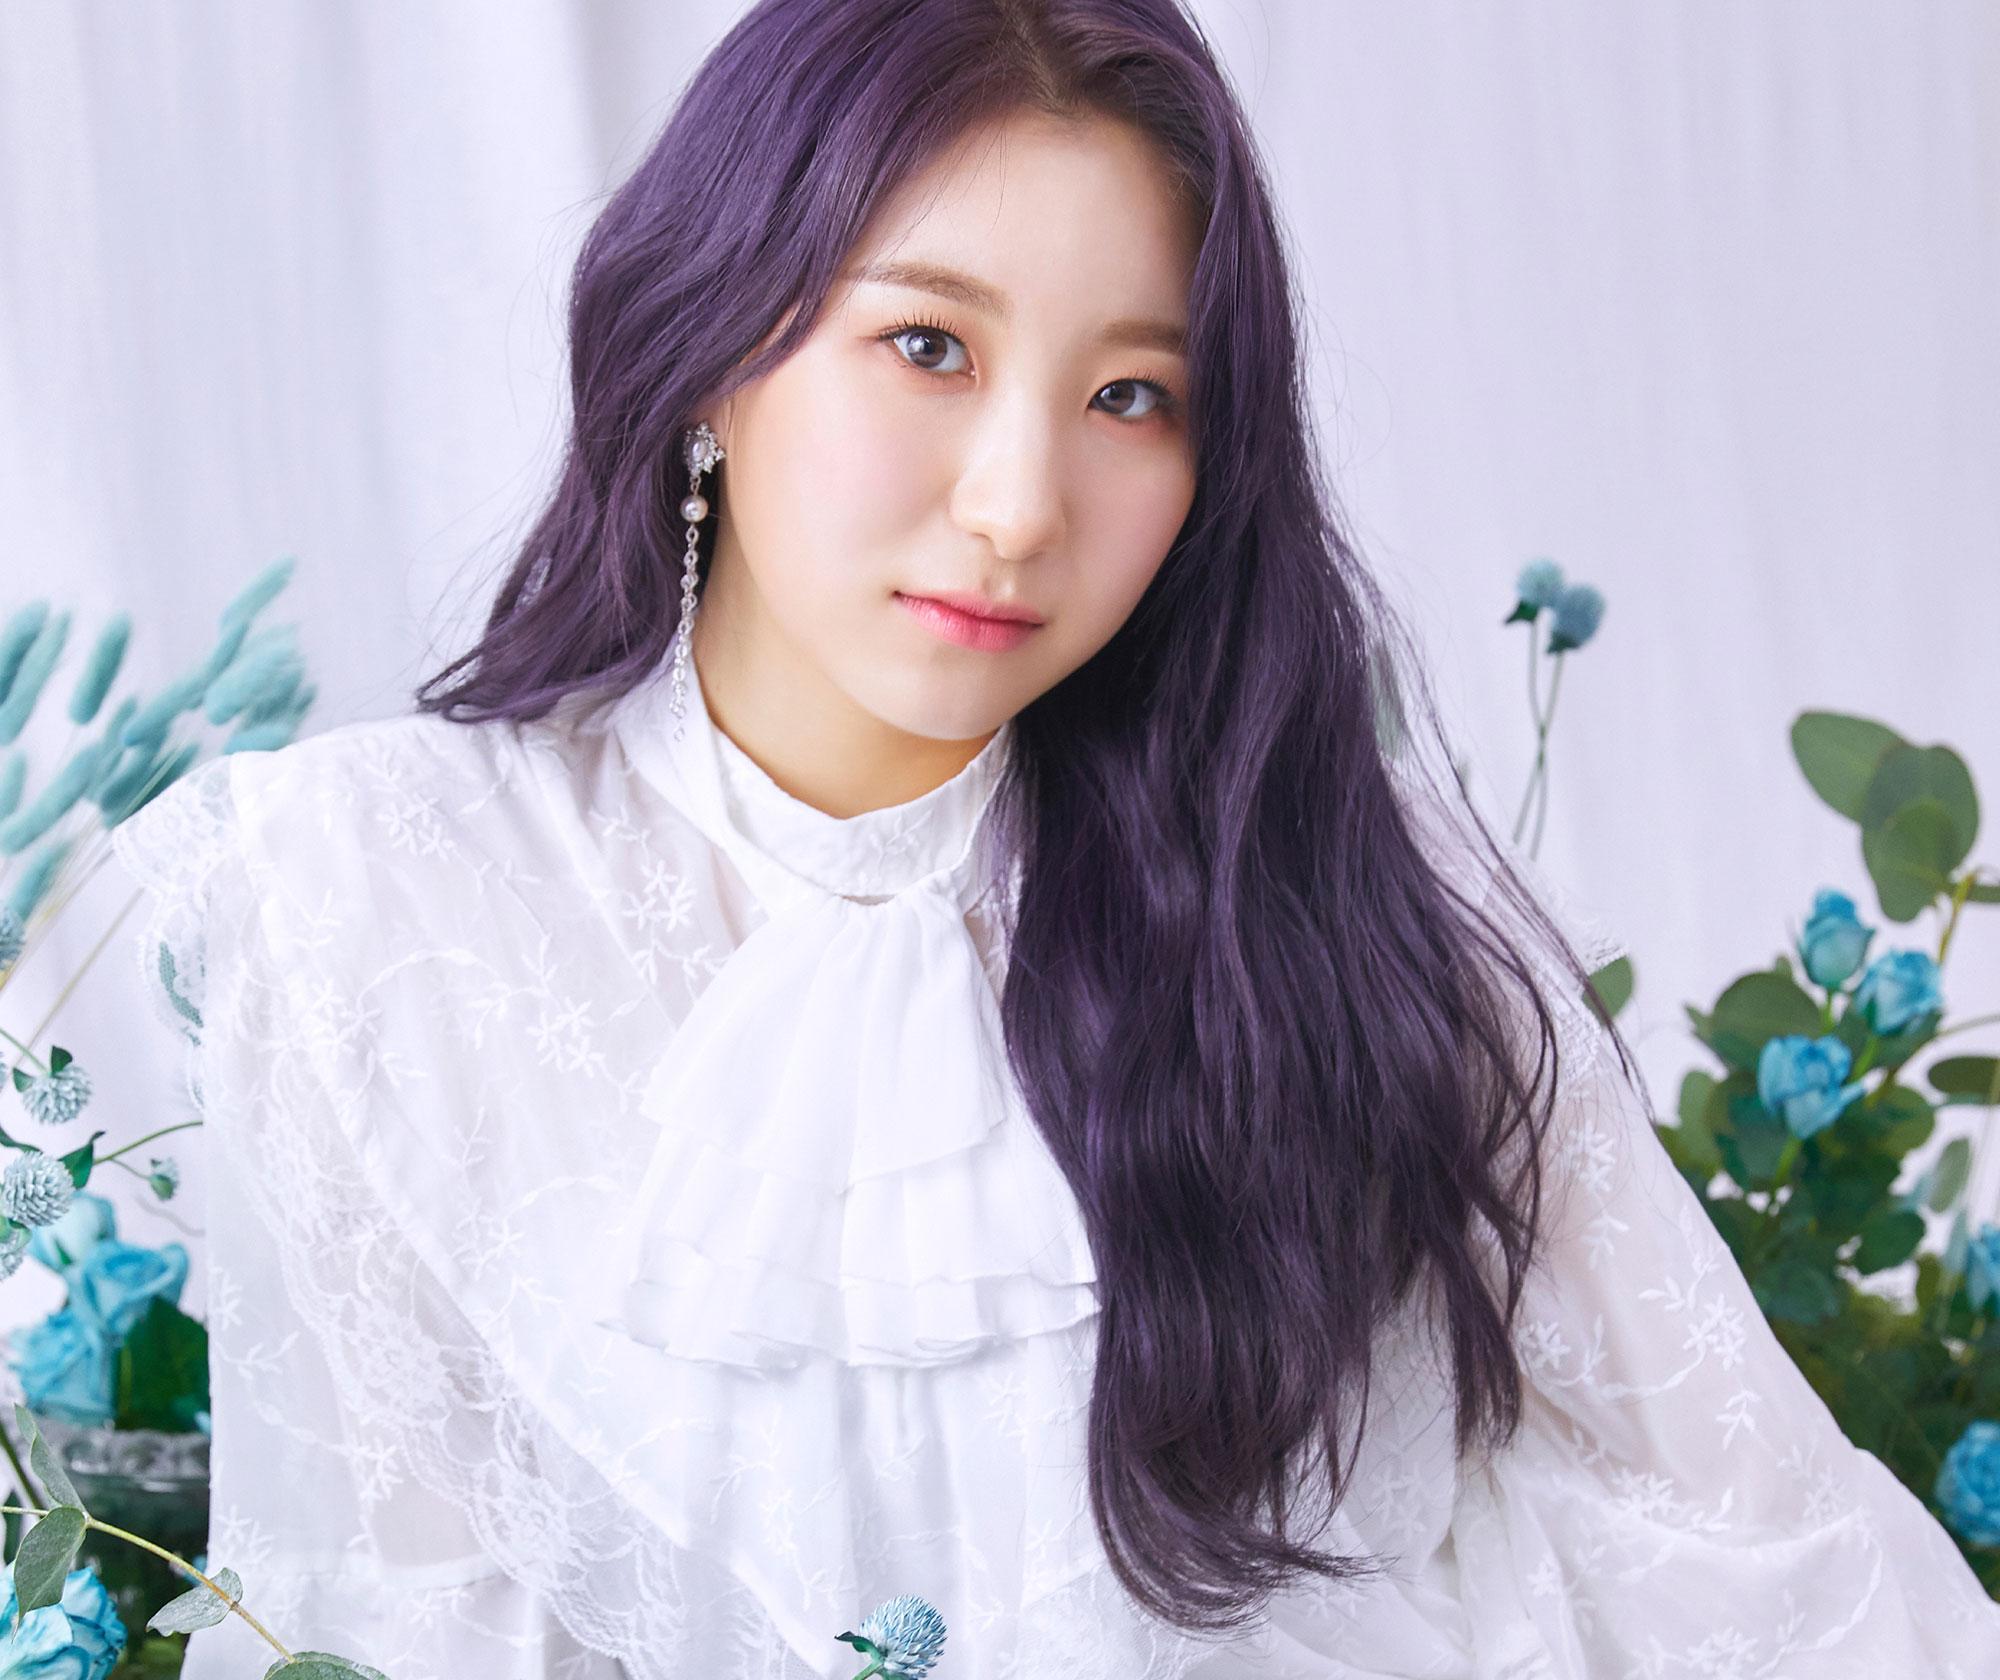 Lee Chae-yeon